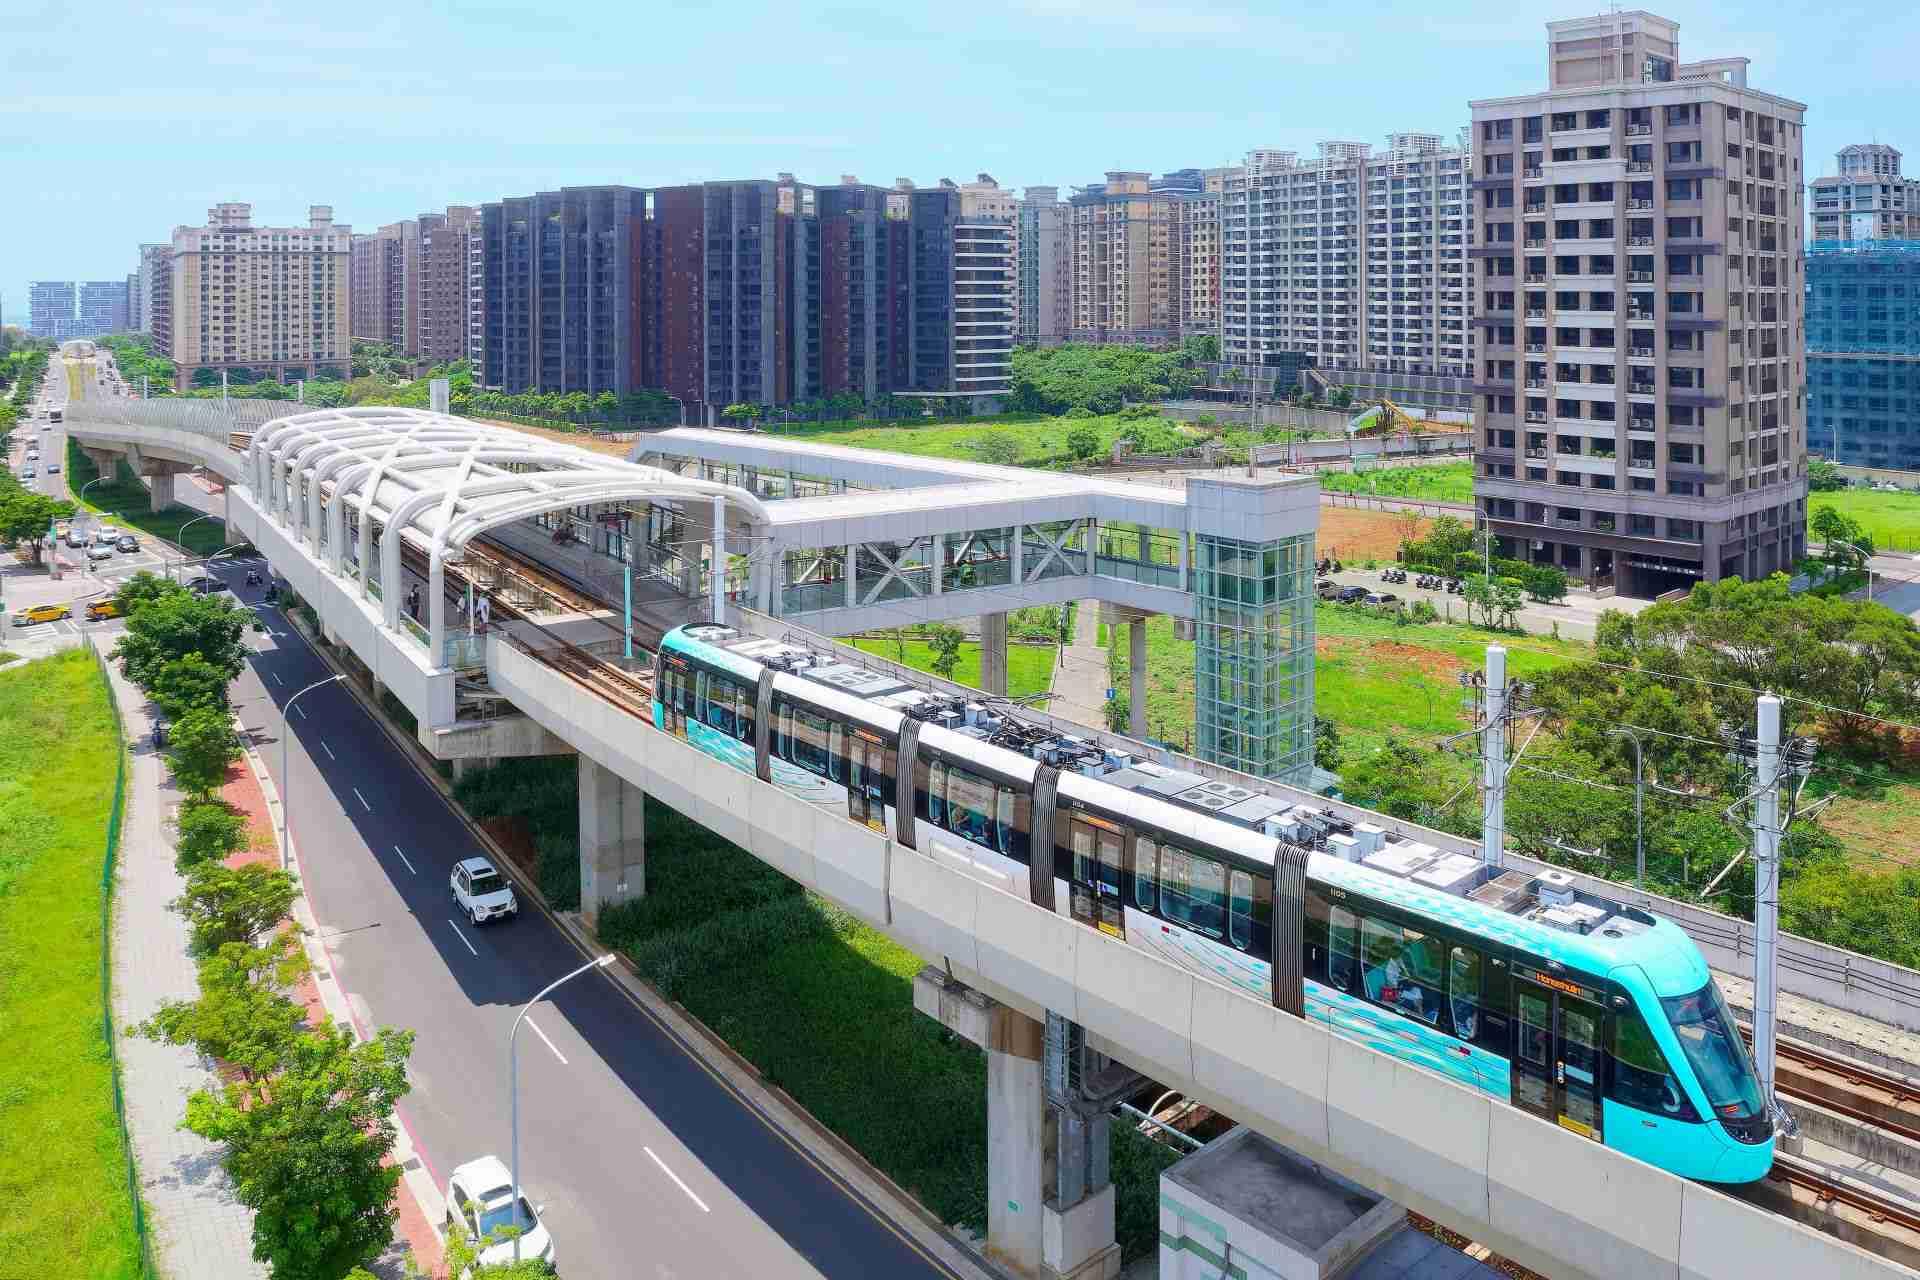 Danhai Light Rail Transit (LRT)